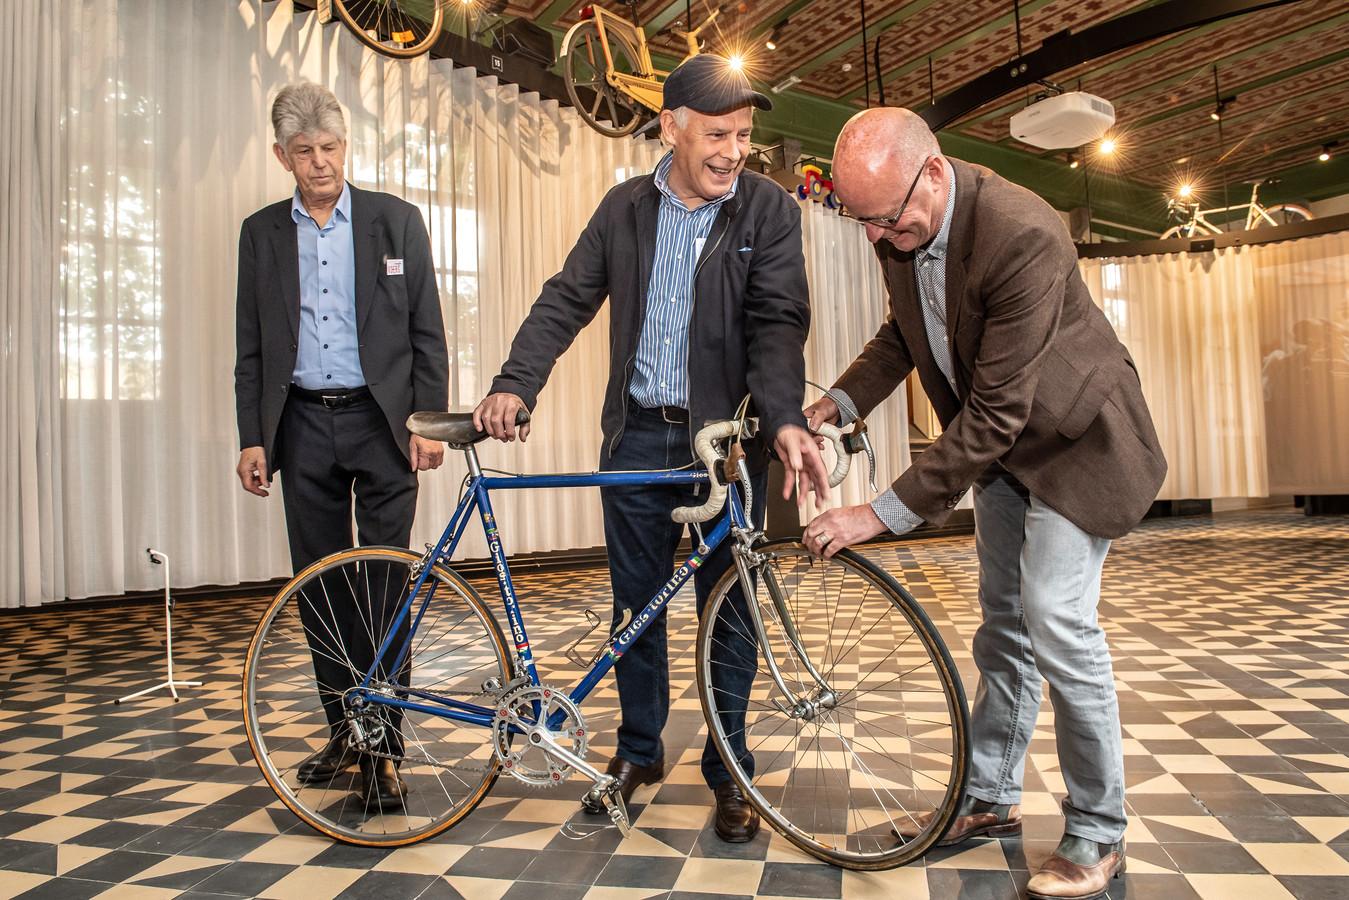 De fiets wordt eens goed bekeken.